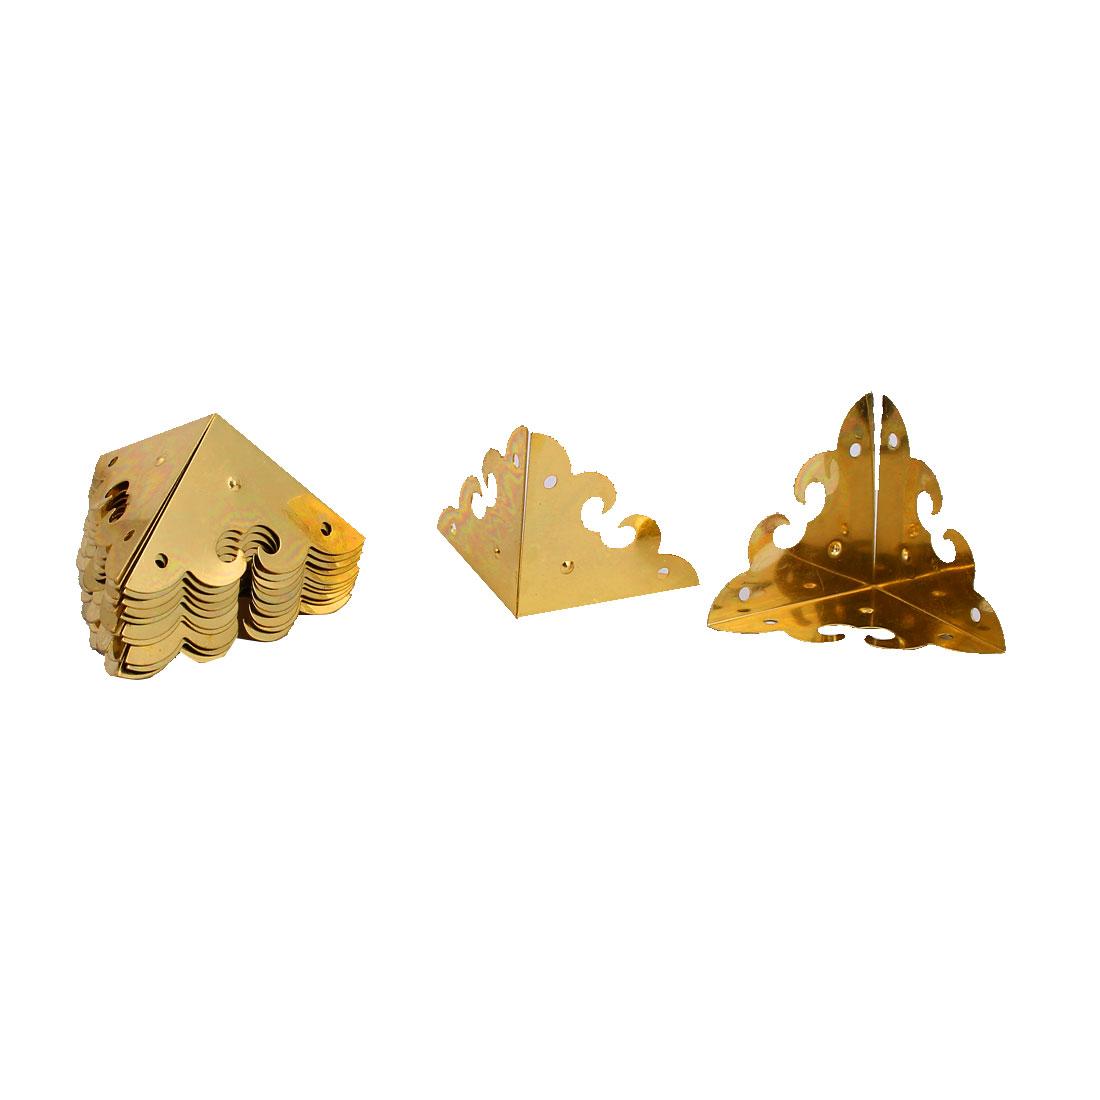 Desk Edge Case Box Metal Corner Protectors Cover Guards Gold Tone 12 Pcs